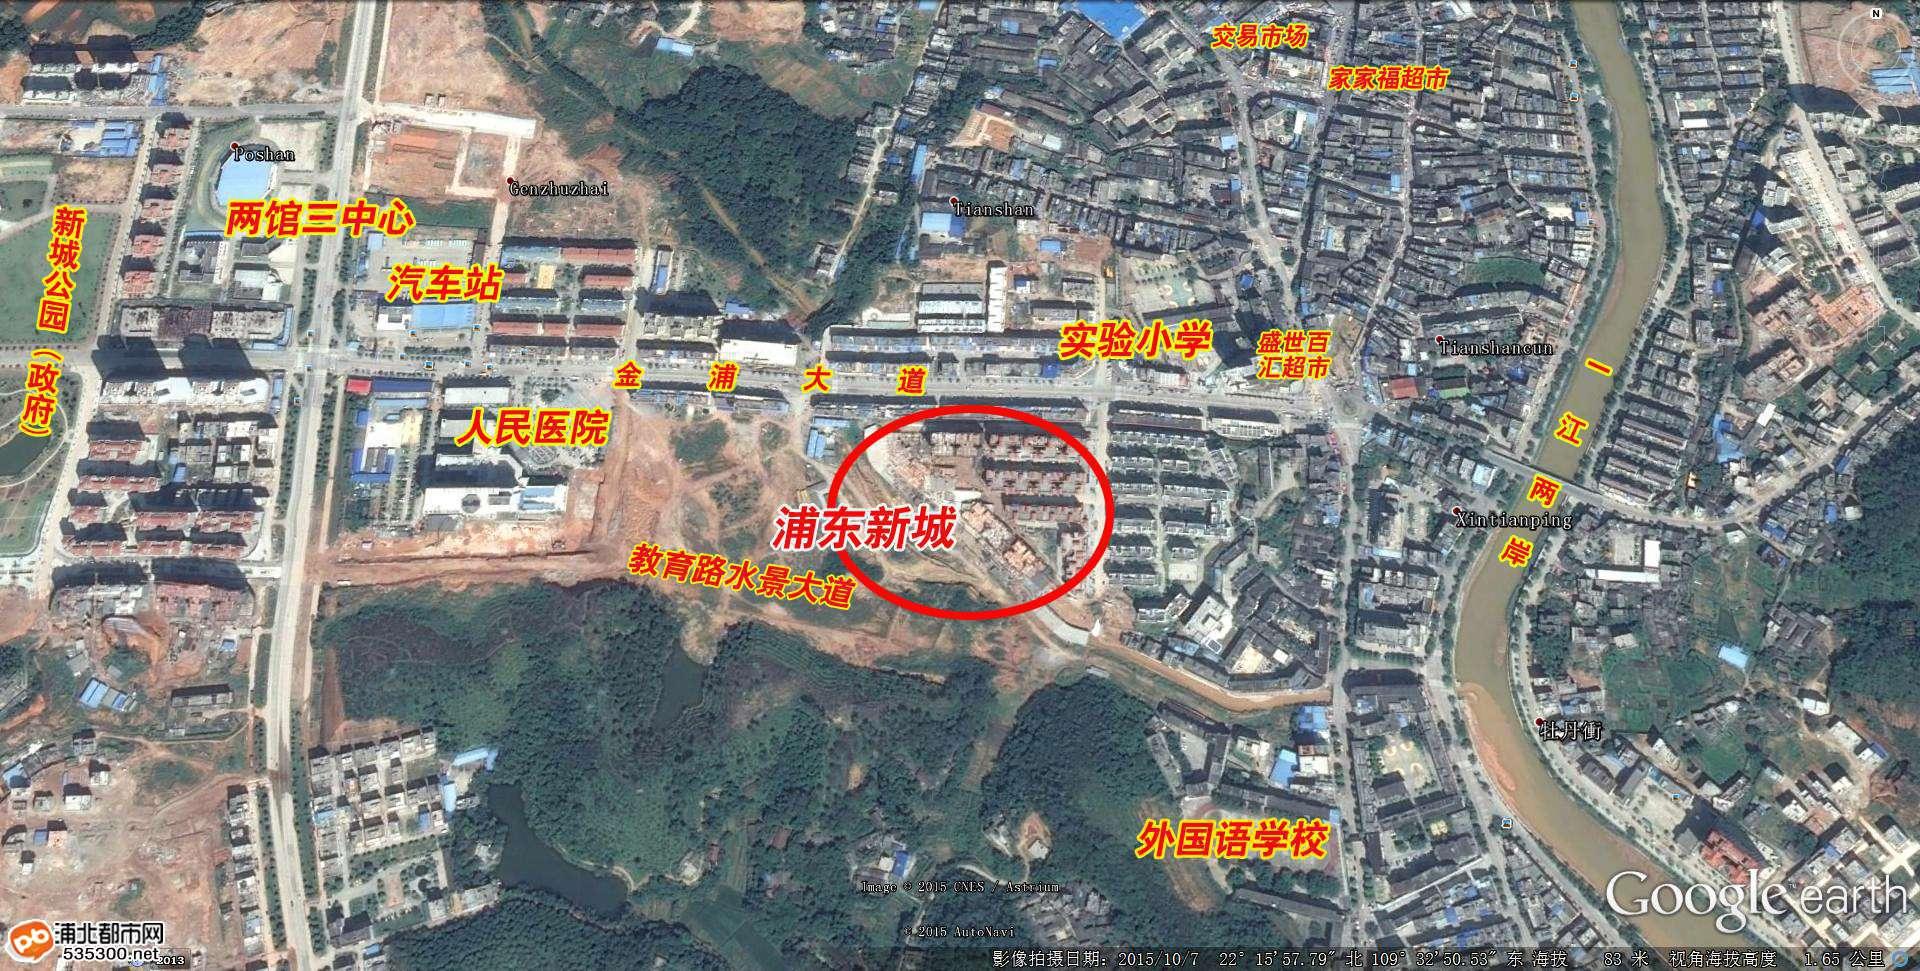 浦东新城国庆热推二期电梯房92折,步梯房特价2488元/㎡